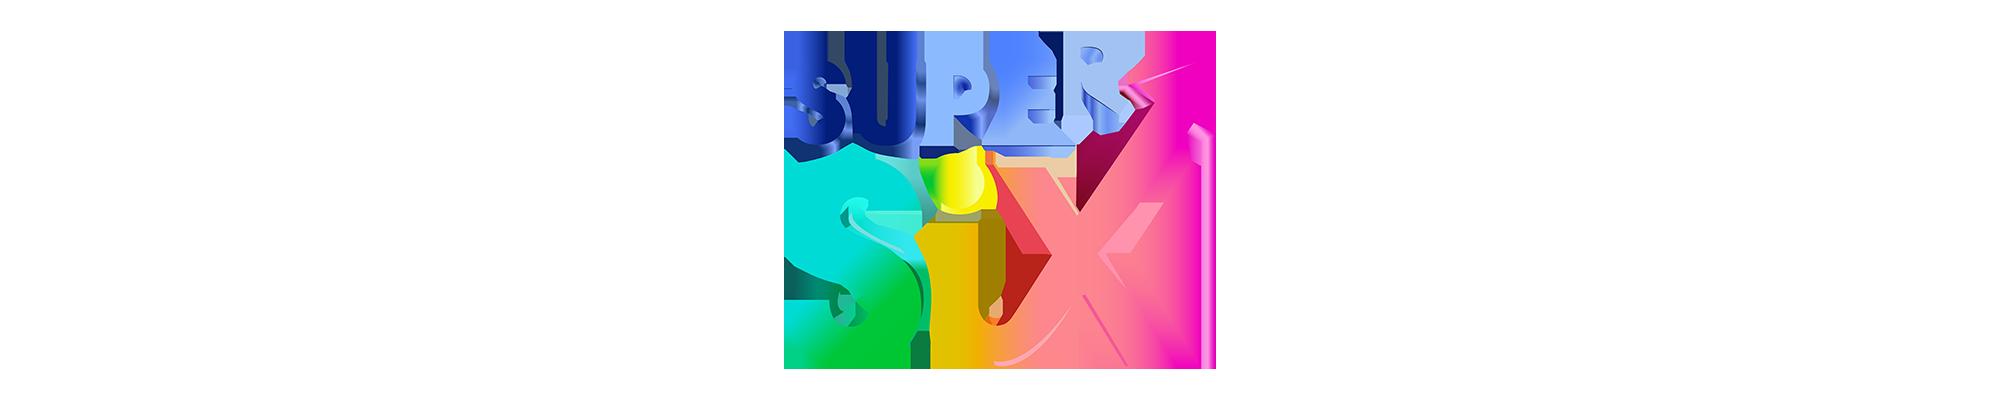 Profilo Super Six Canale Tv